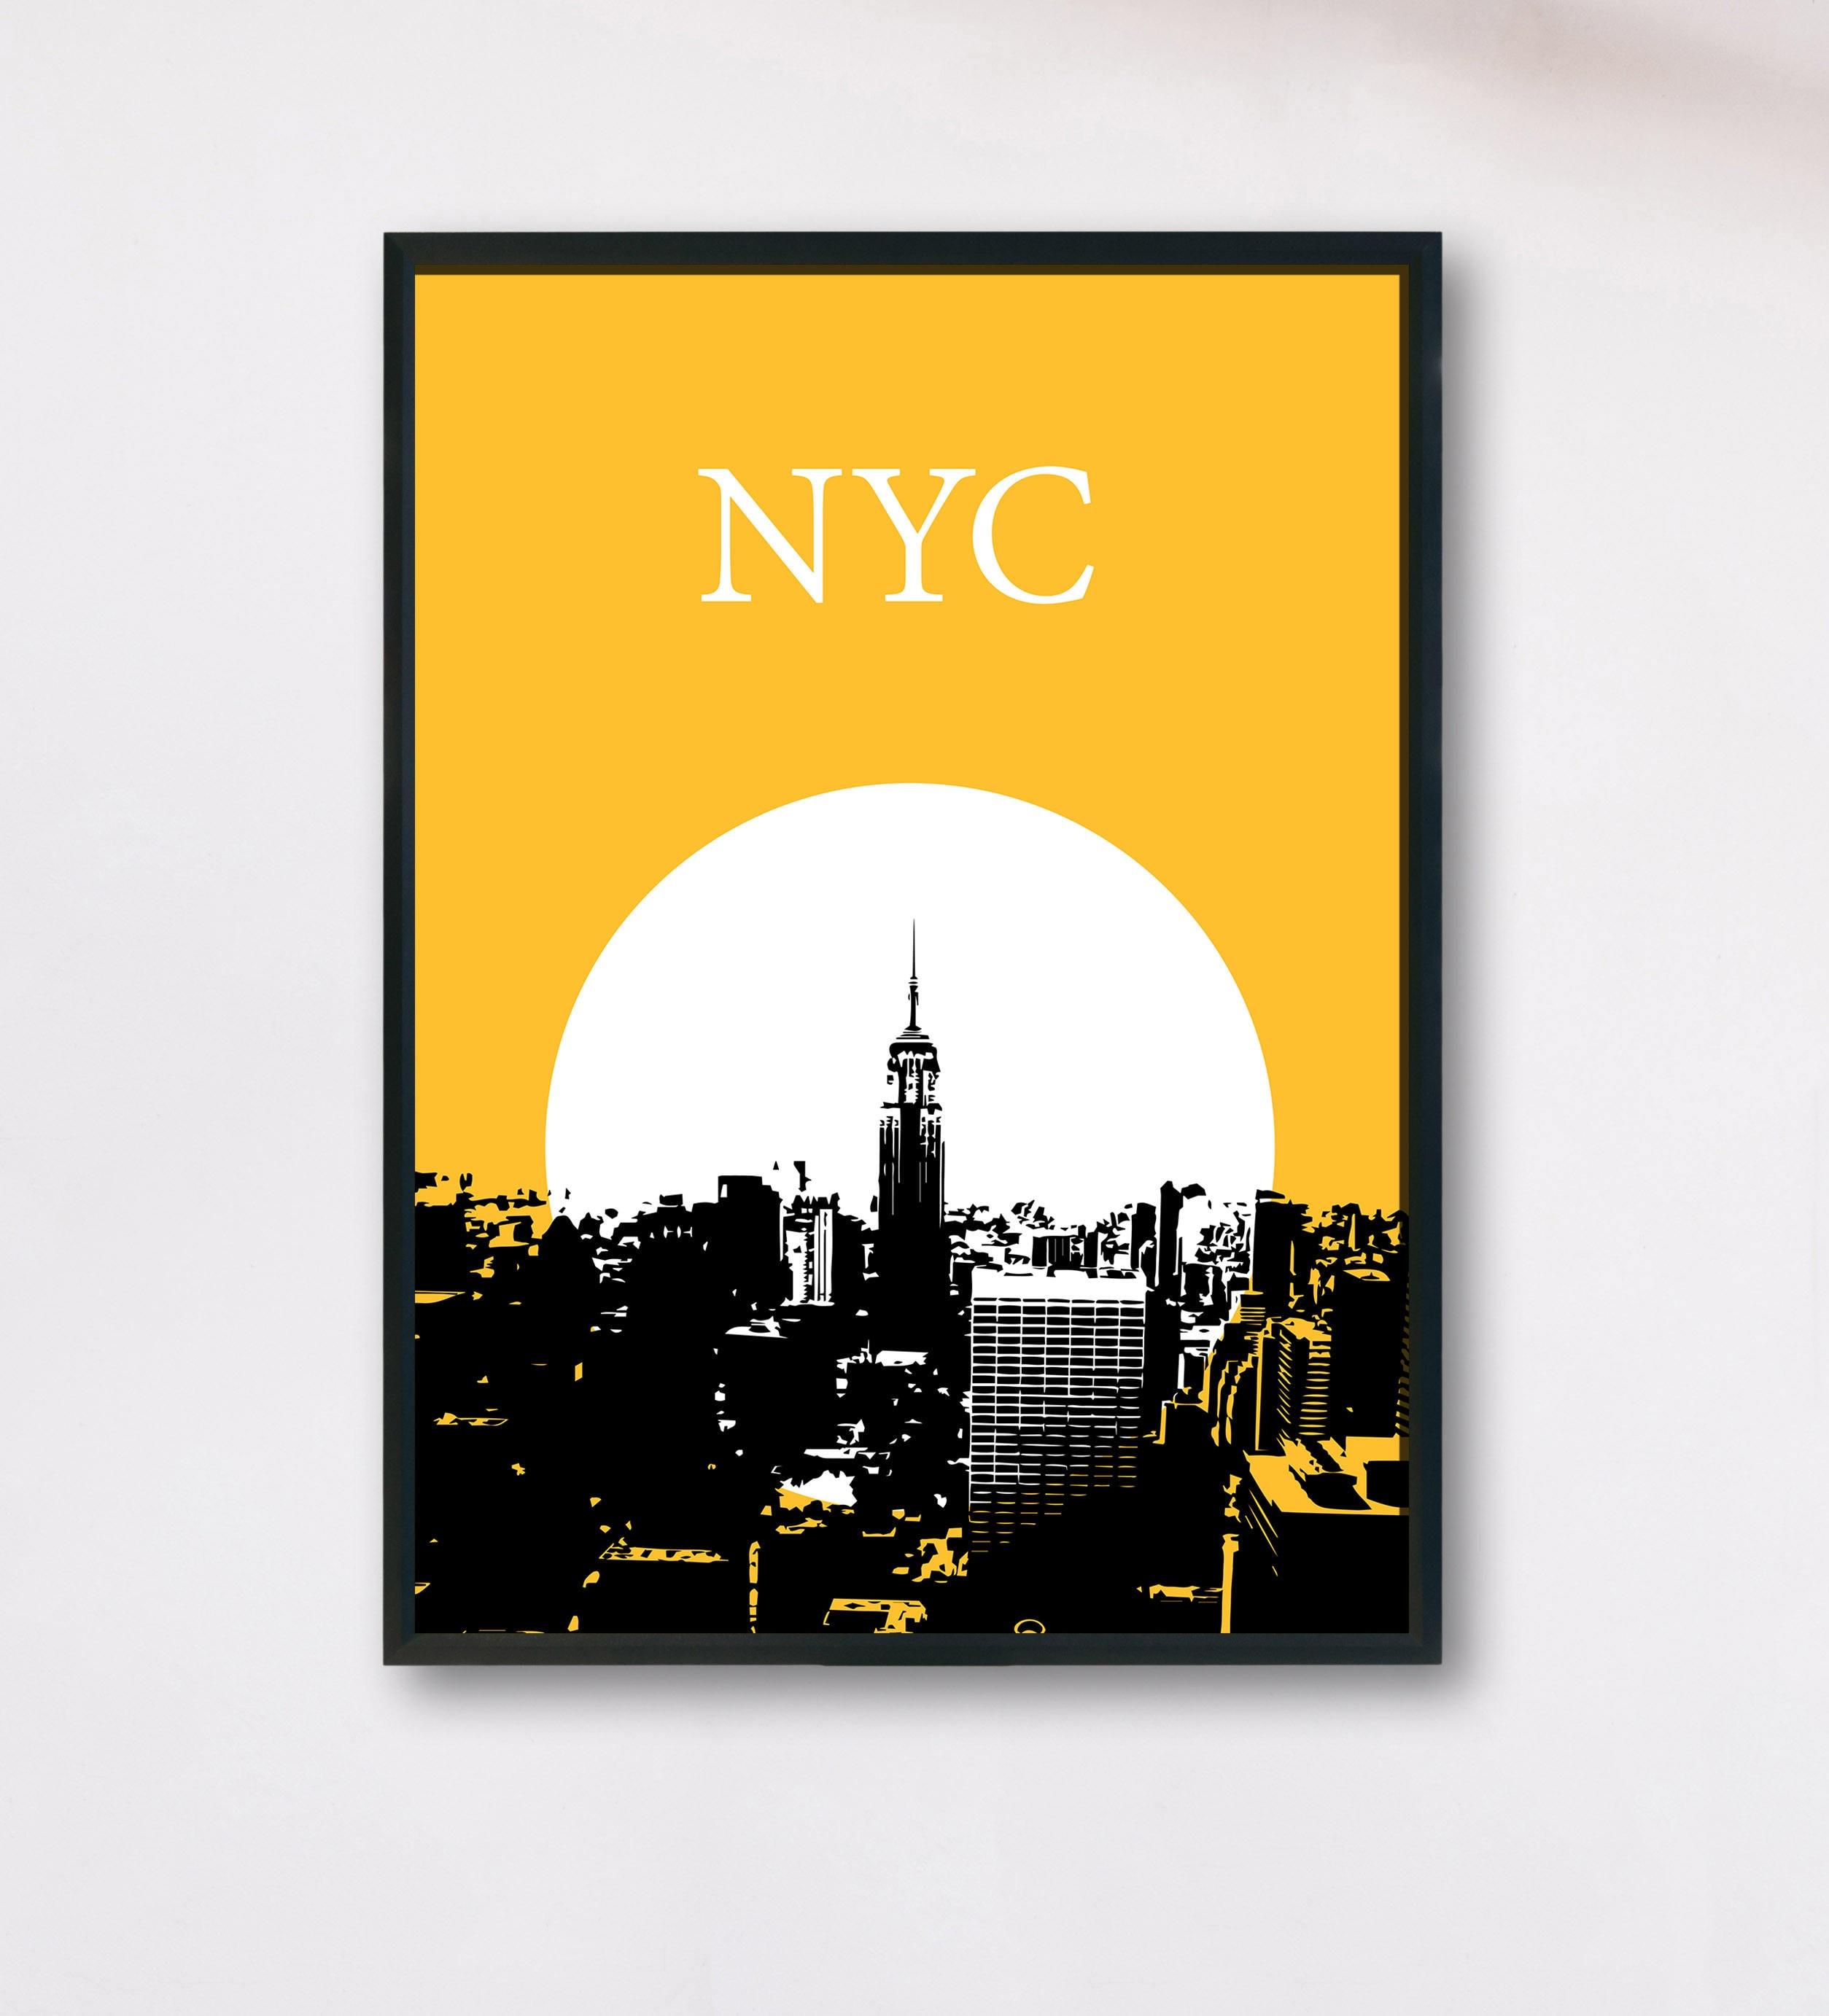 NYC Poster New York Printable NYC wall art ny skyline